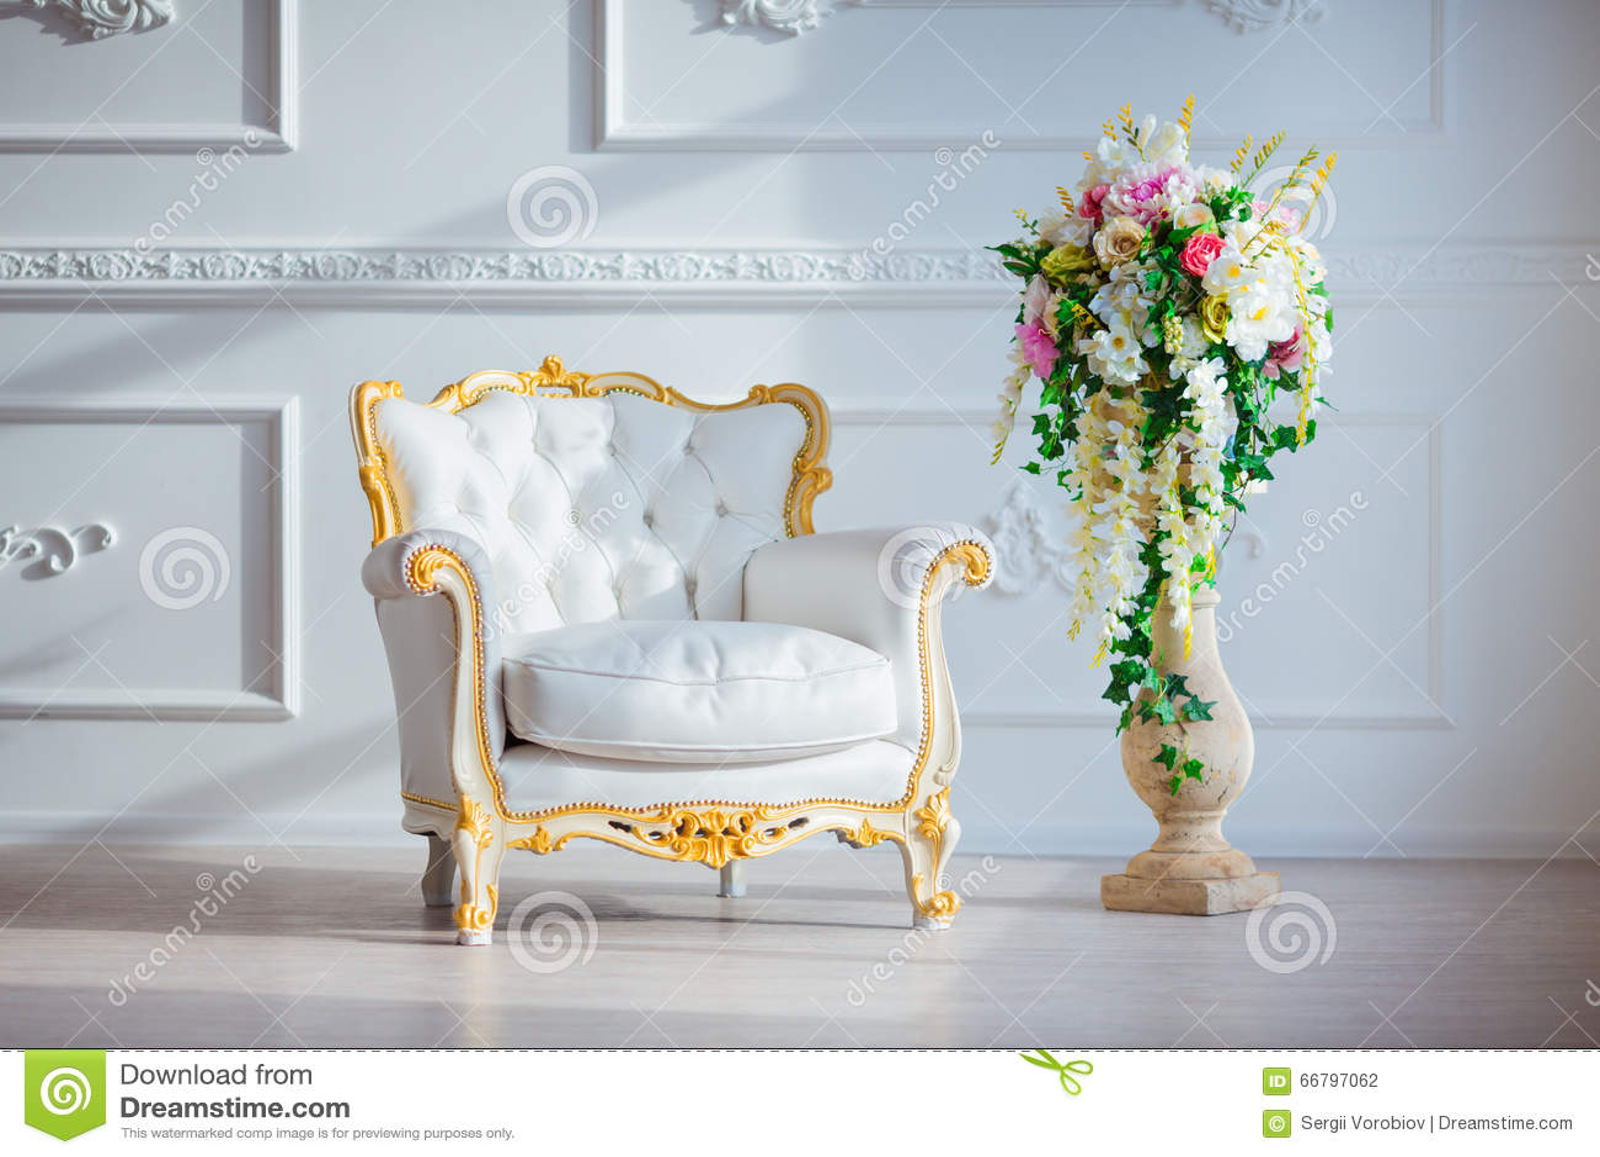 För tappningstil för vitt läder stol i klassiskt inre rum med det stora fönstret och våren blommar